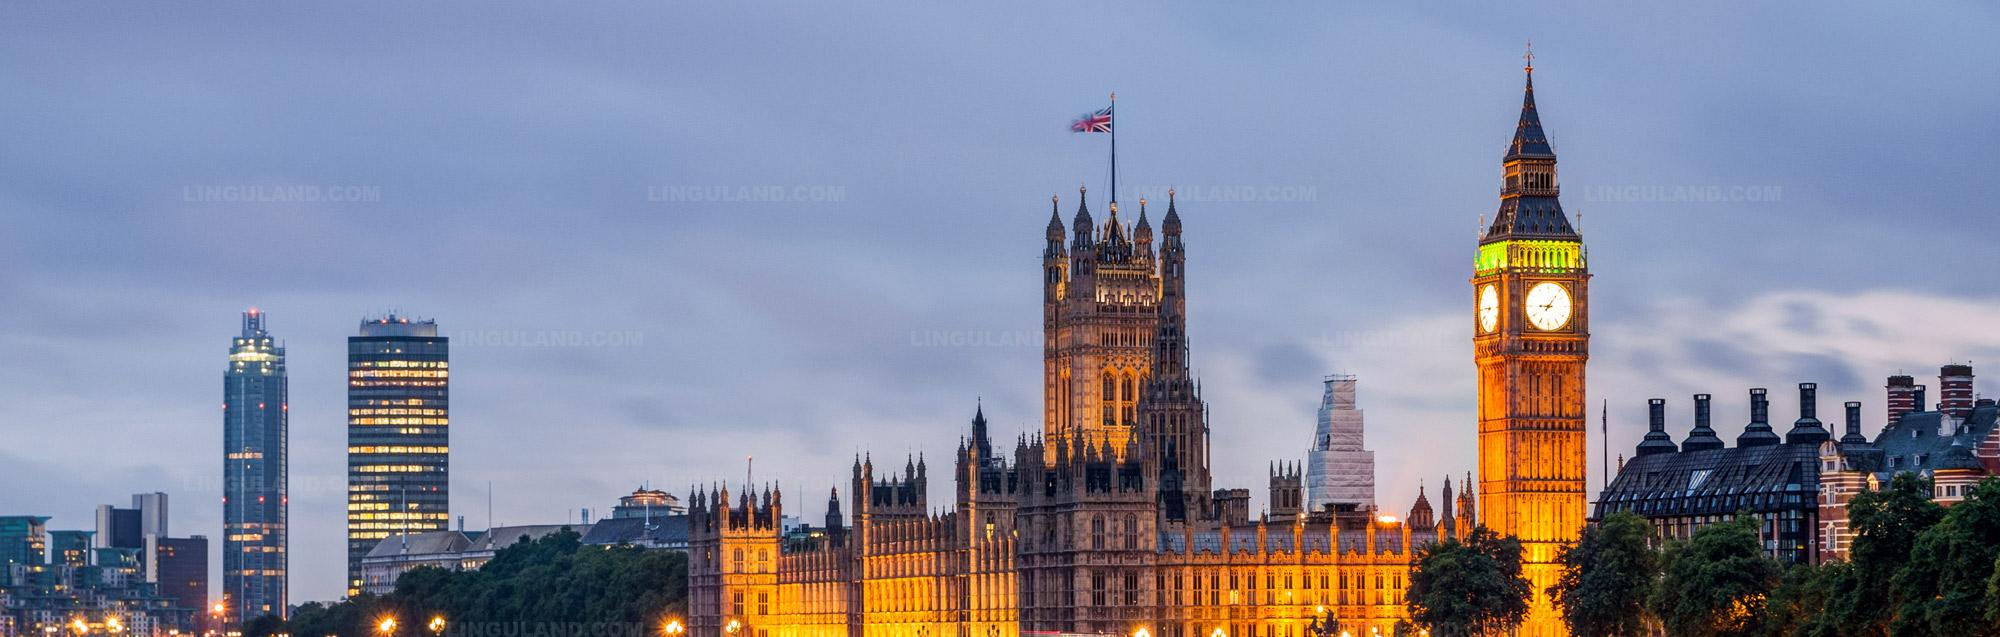 Famille d'accueil Angleterre : Résidence étudiante ou famille d'accueil ?